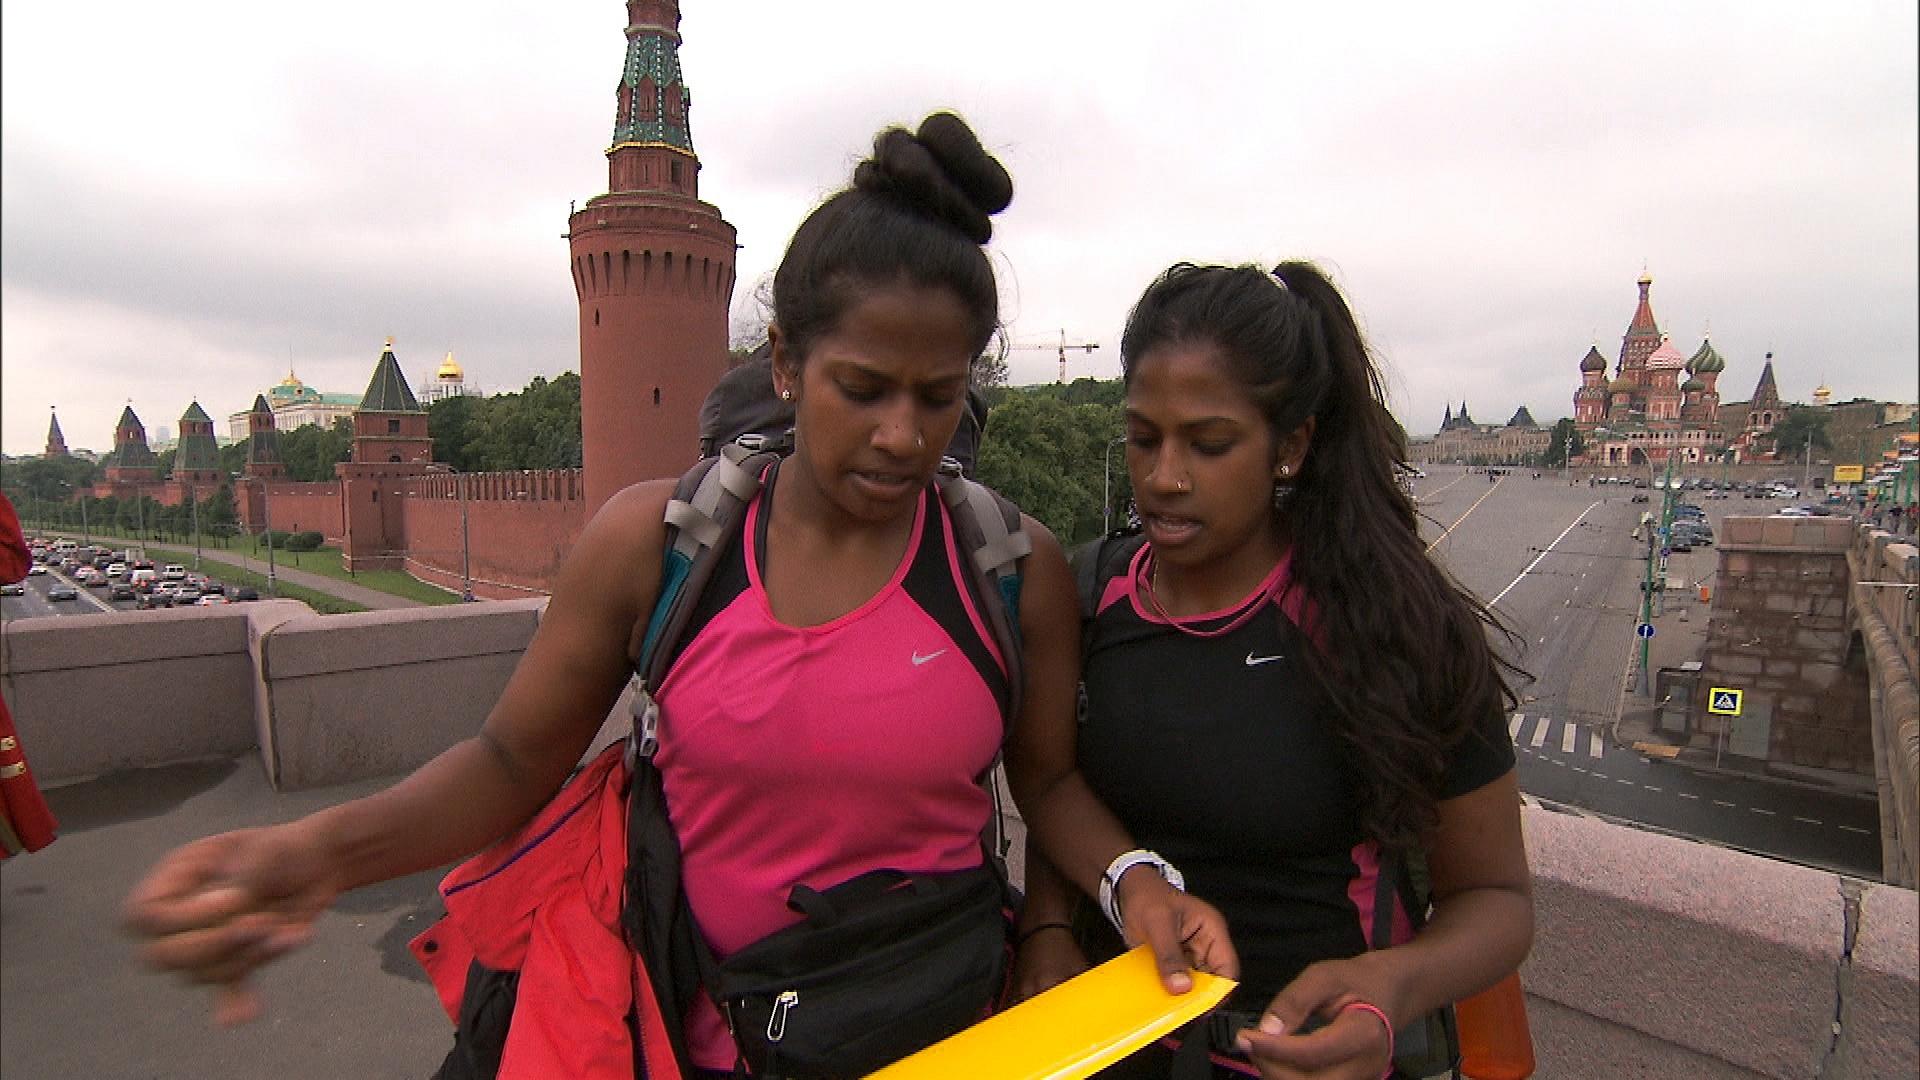 Nadiya and Natalie